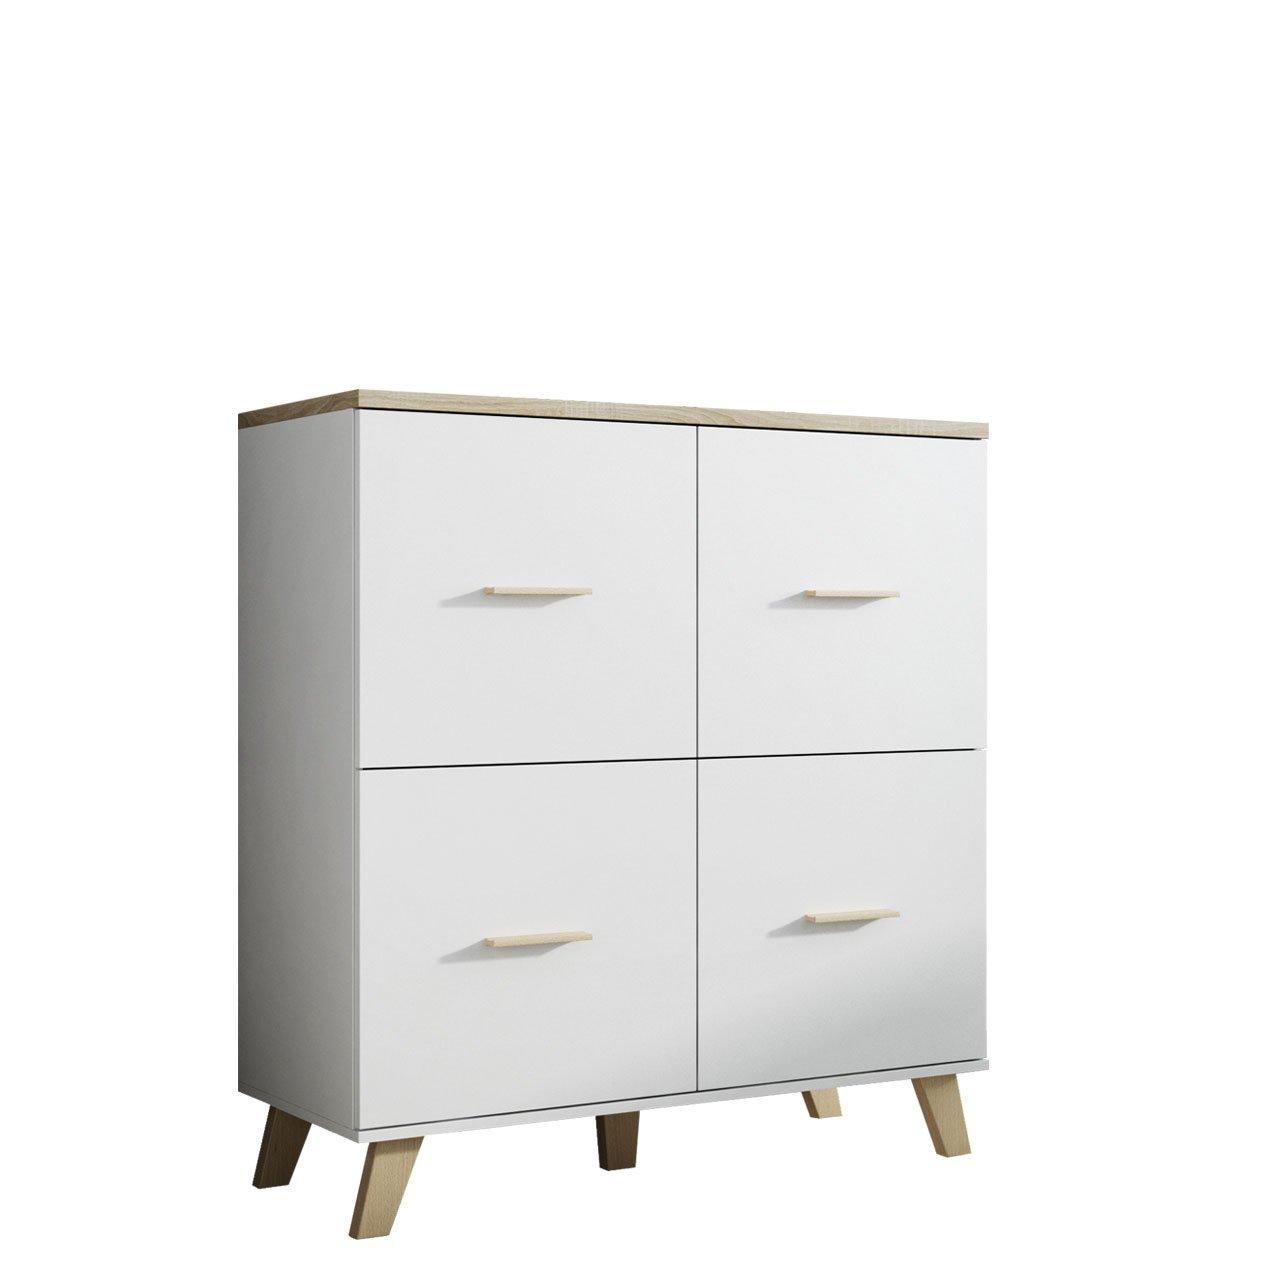 Mirjan24  Kommode Lotta 110 4D im skandinavischen Stil, Anrichte, Mehrzweckschrank, Wohnzimmerschrank, Sideboard, Schrank, Wohnzimmer (Brilliant Weiß + Eiche Sonoma)